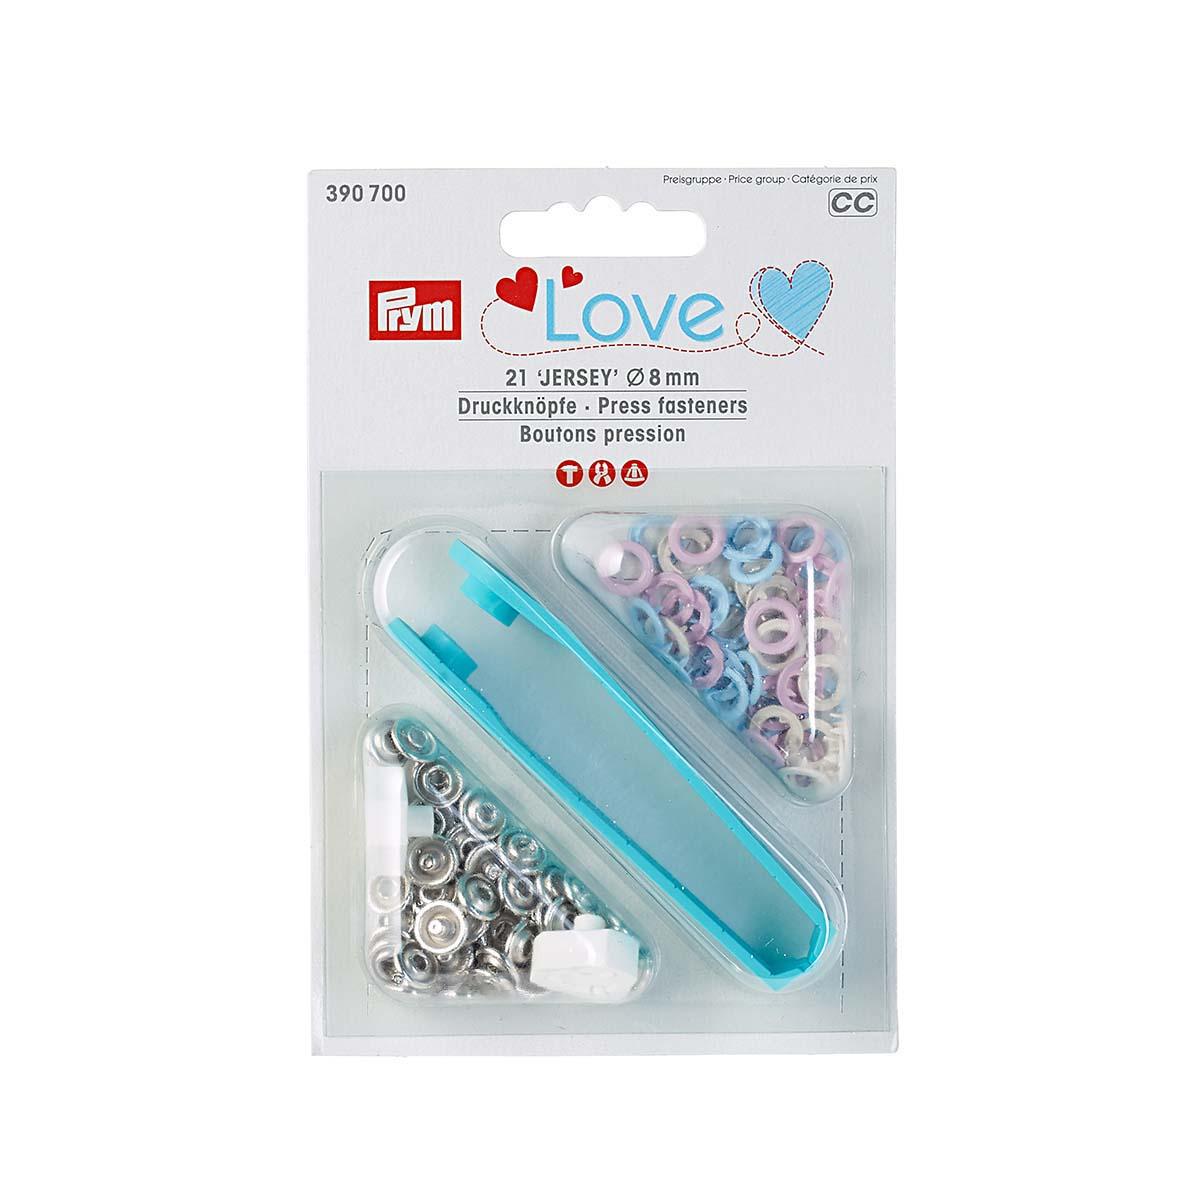 390700 Кнопки Джерси Prym Love роз/син/пер цв, 8мм, 21шт/упак, Prym